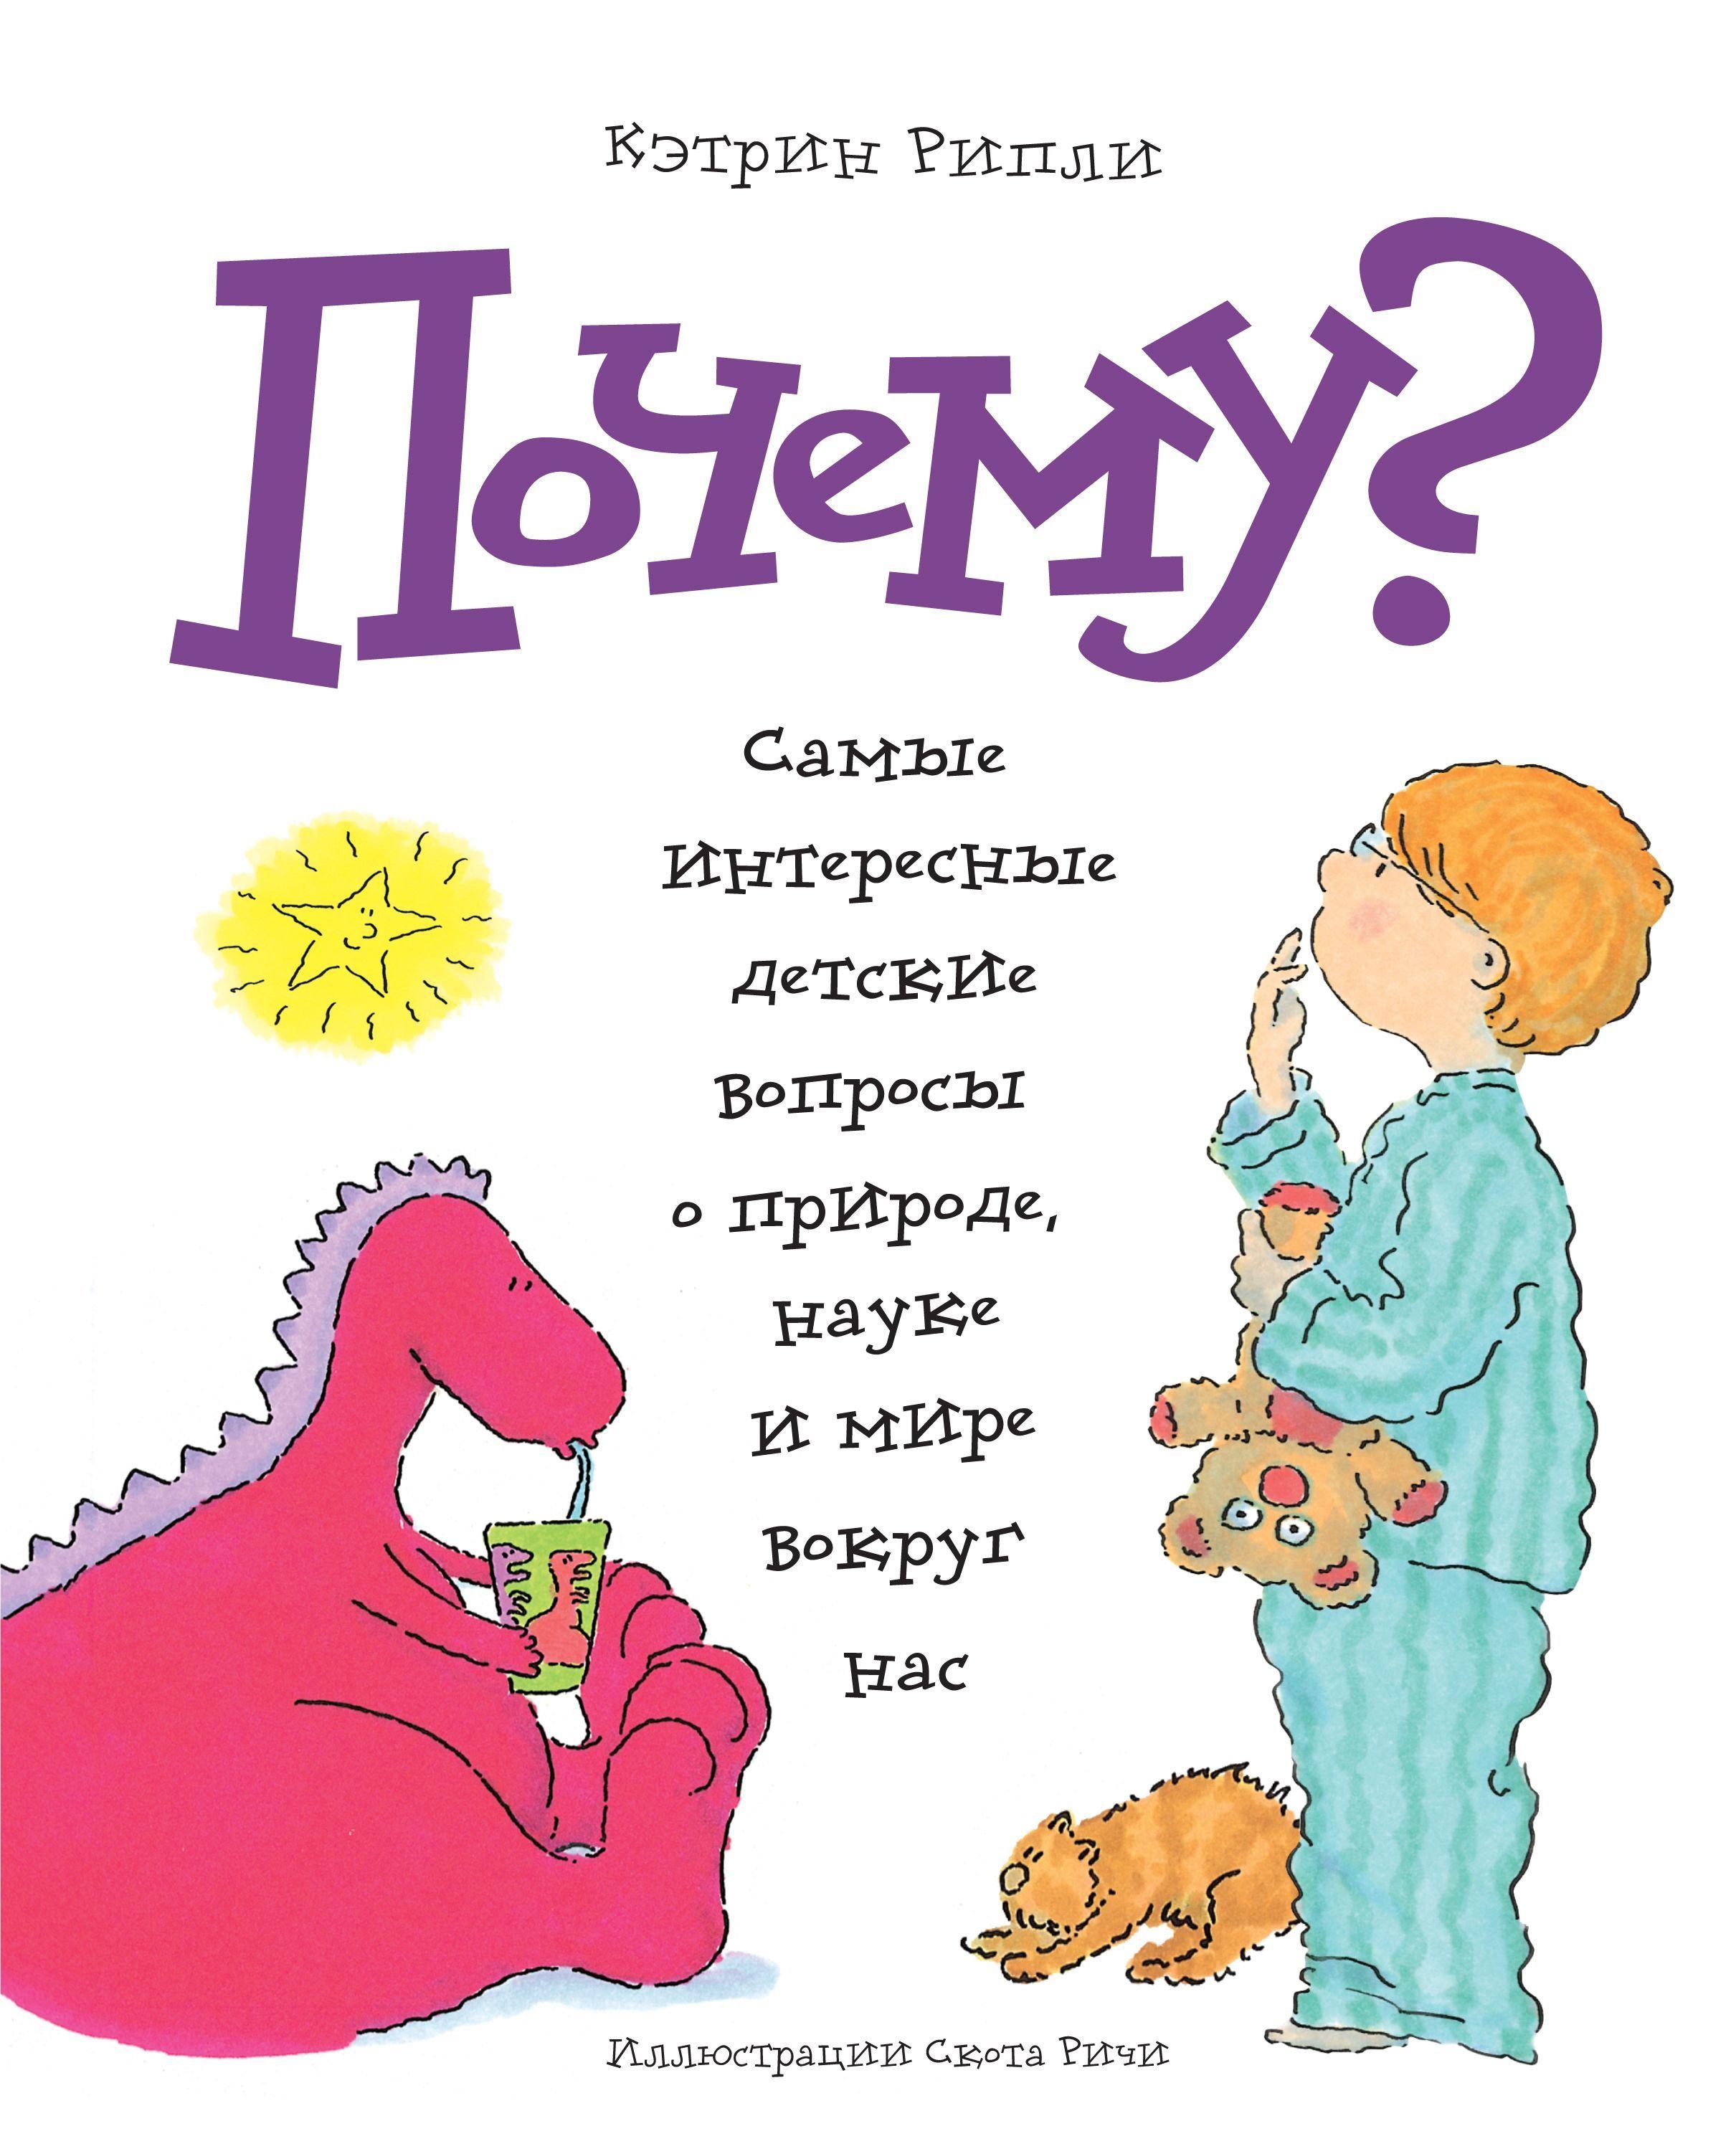 Купить Детские энциклопедии, Почему? Самые интересные детские вопросы о природе, науке и мире вокруг нас, Кэтрин Рипли, 978-5-00057-251-1, 978-5-00057-903-9, 978-5-00100-743-2, 978-5-00117-228-4